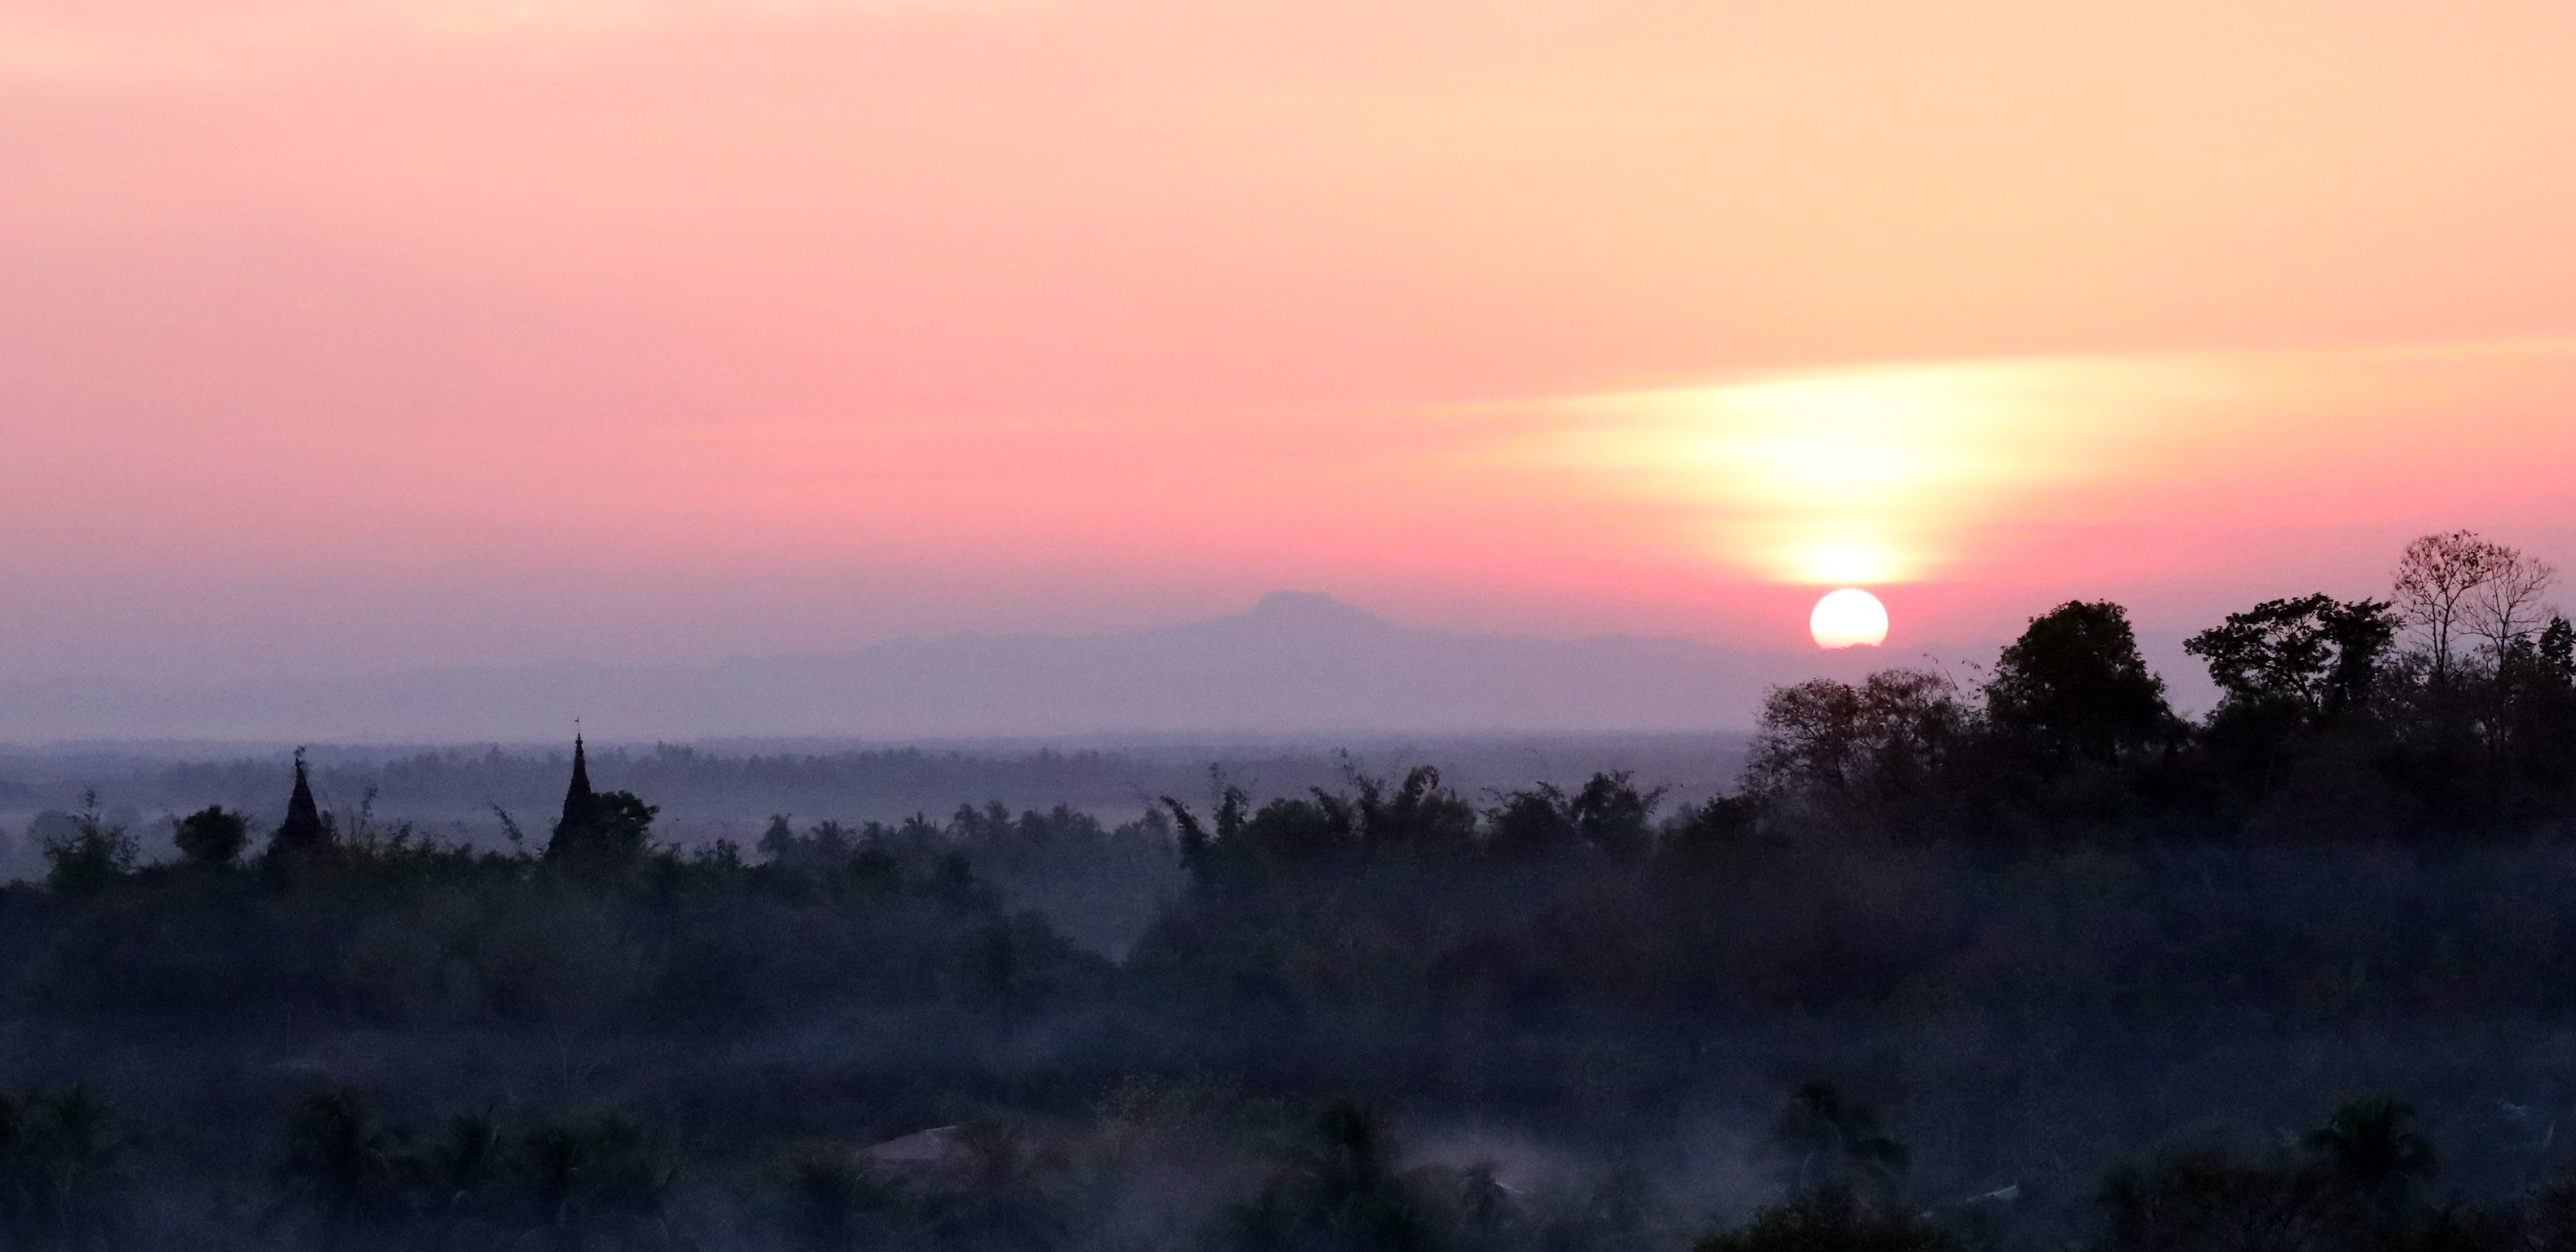 Sunset in Mrauk U